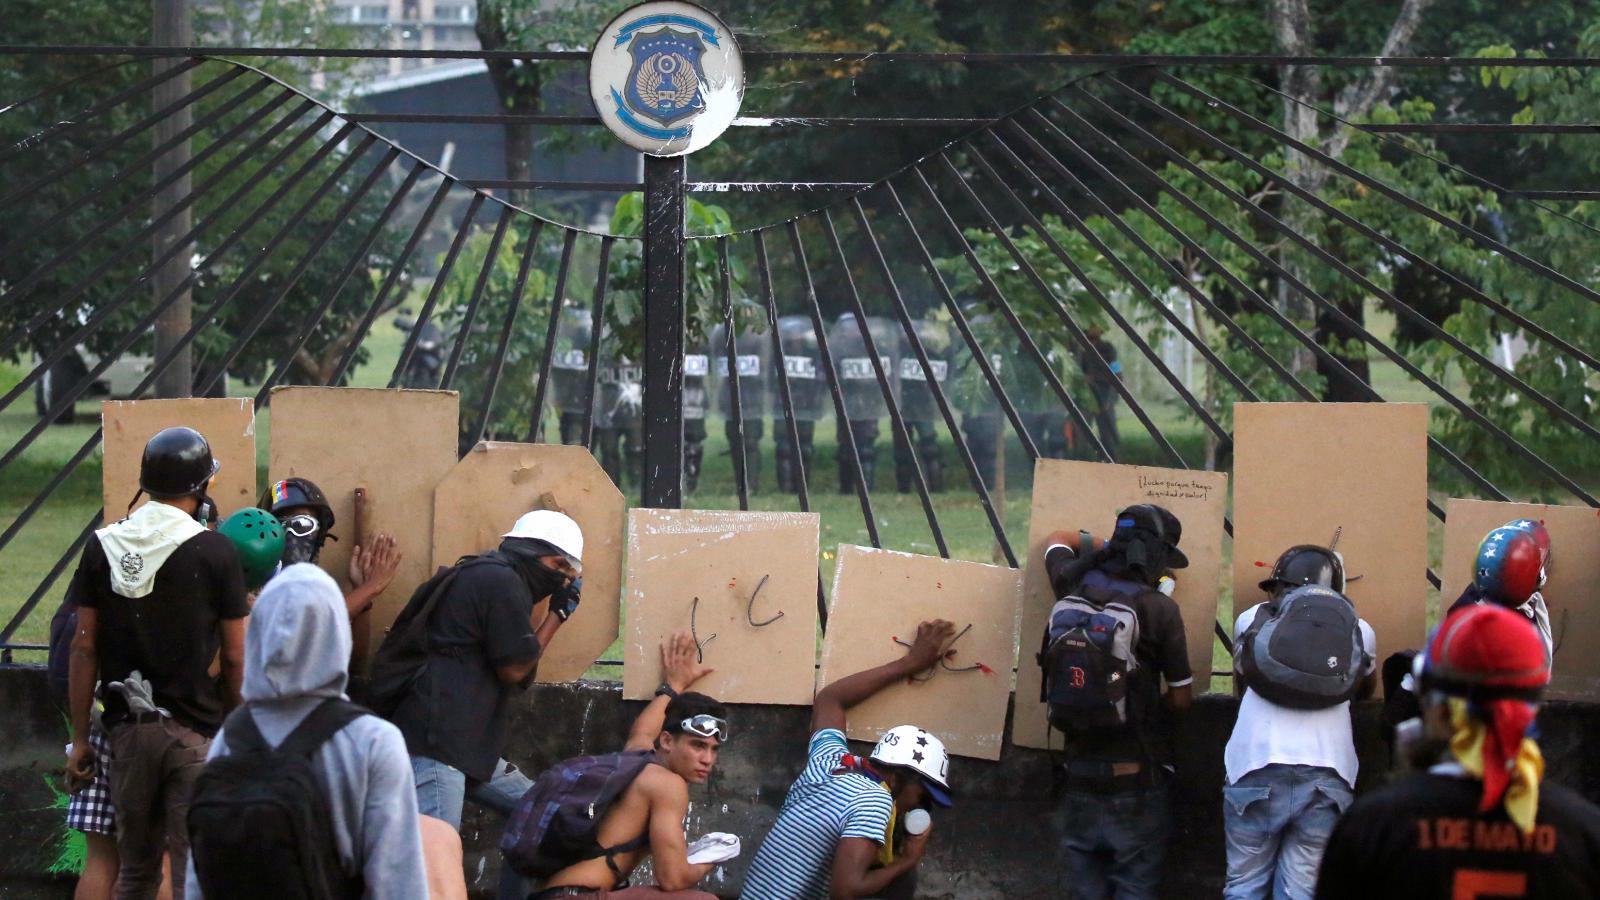 Demonstranti u vojenské základny v Caracasu